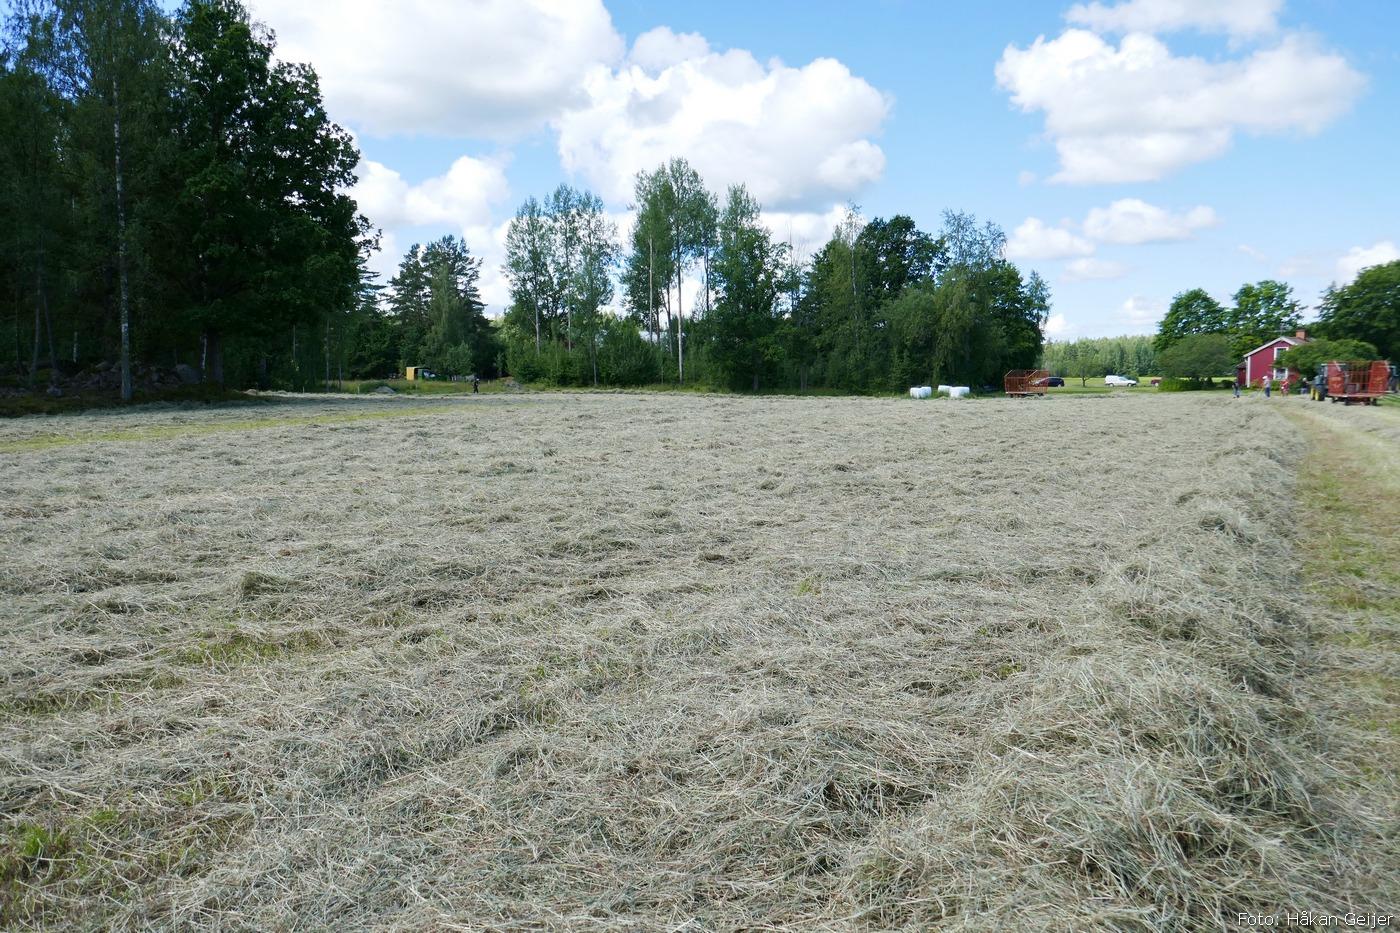 2016-07-09_07_slatterdag